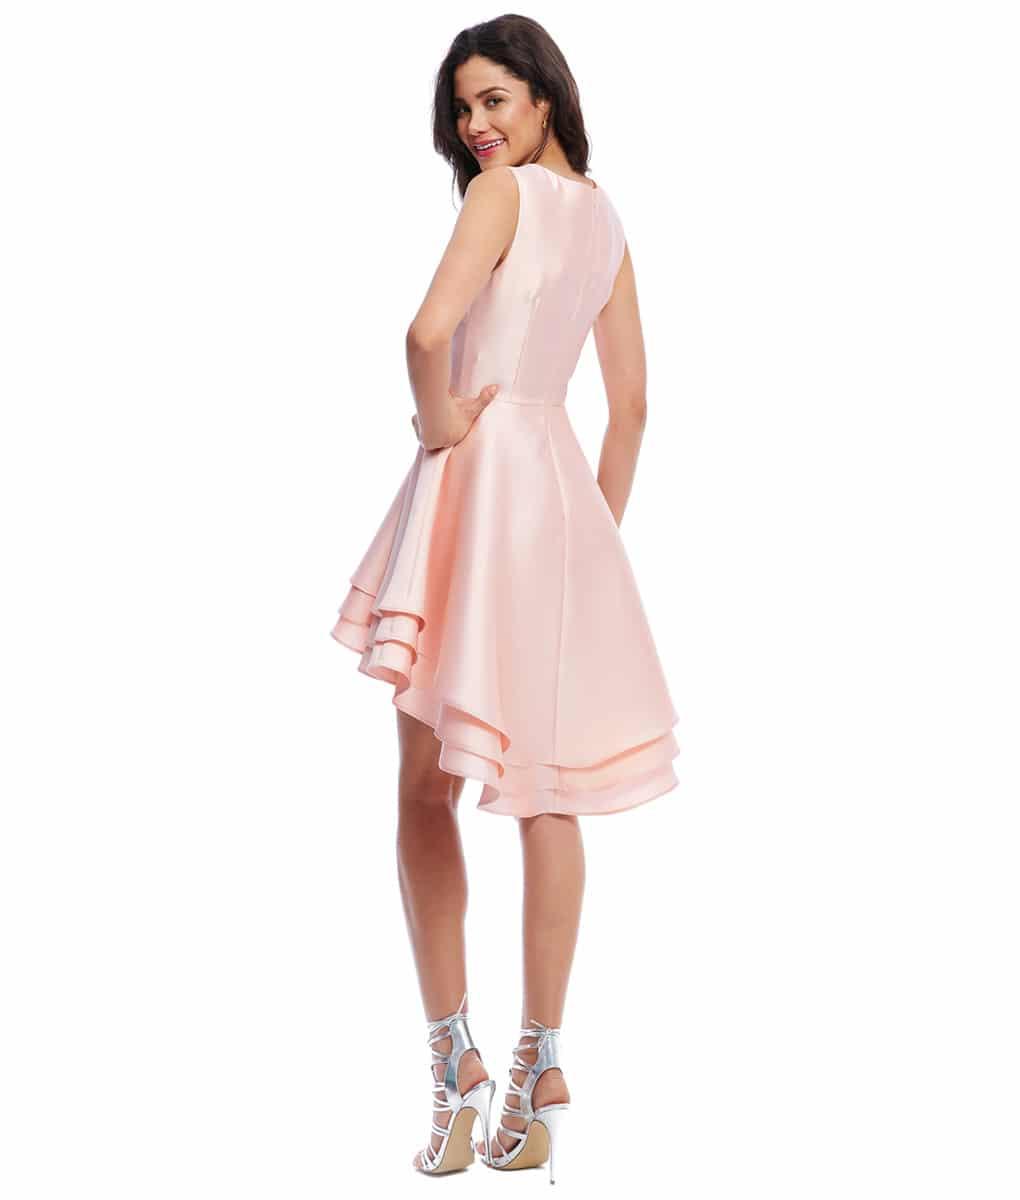 Alila-Pale-pink-hi-lo-bridesmaid-dress-city-goddess